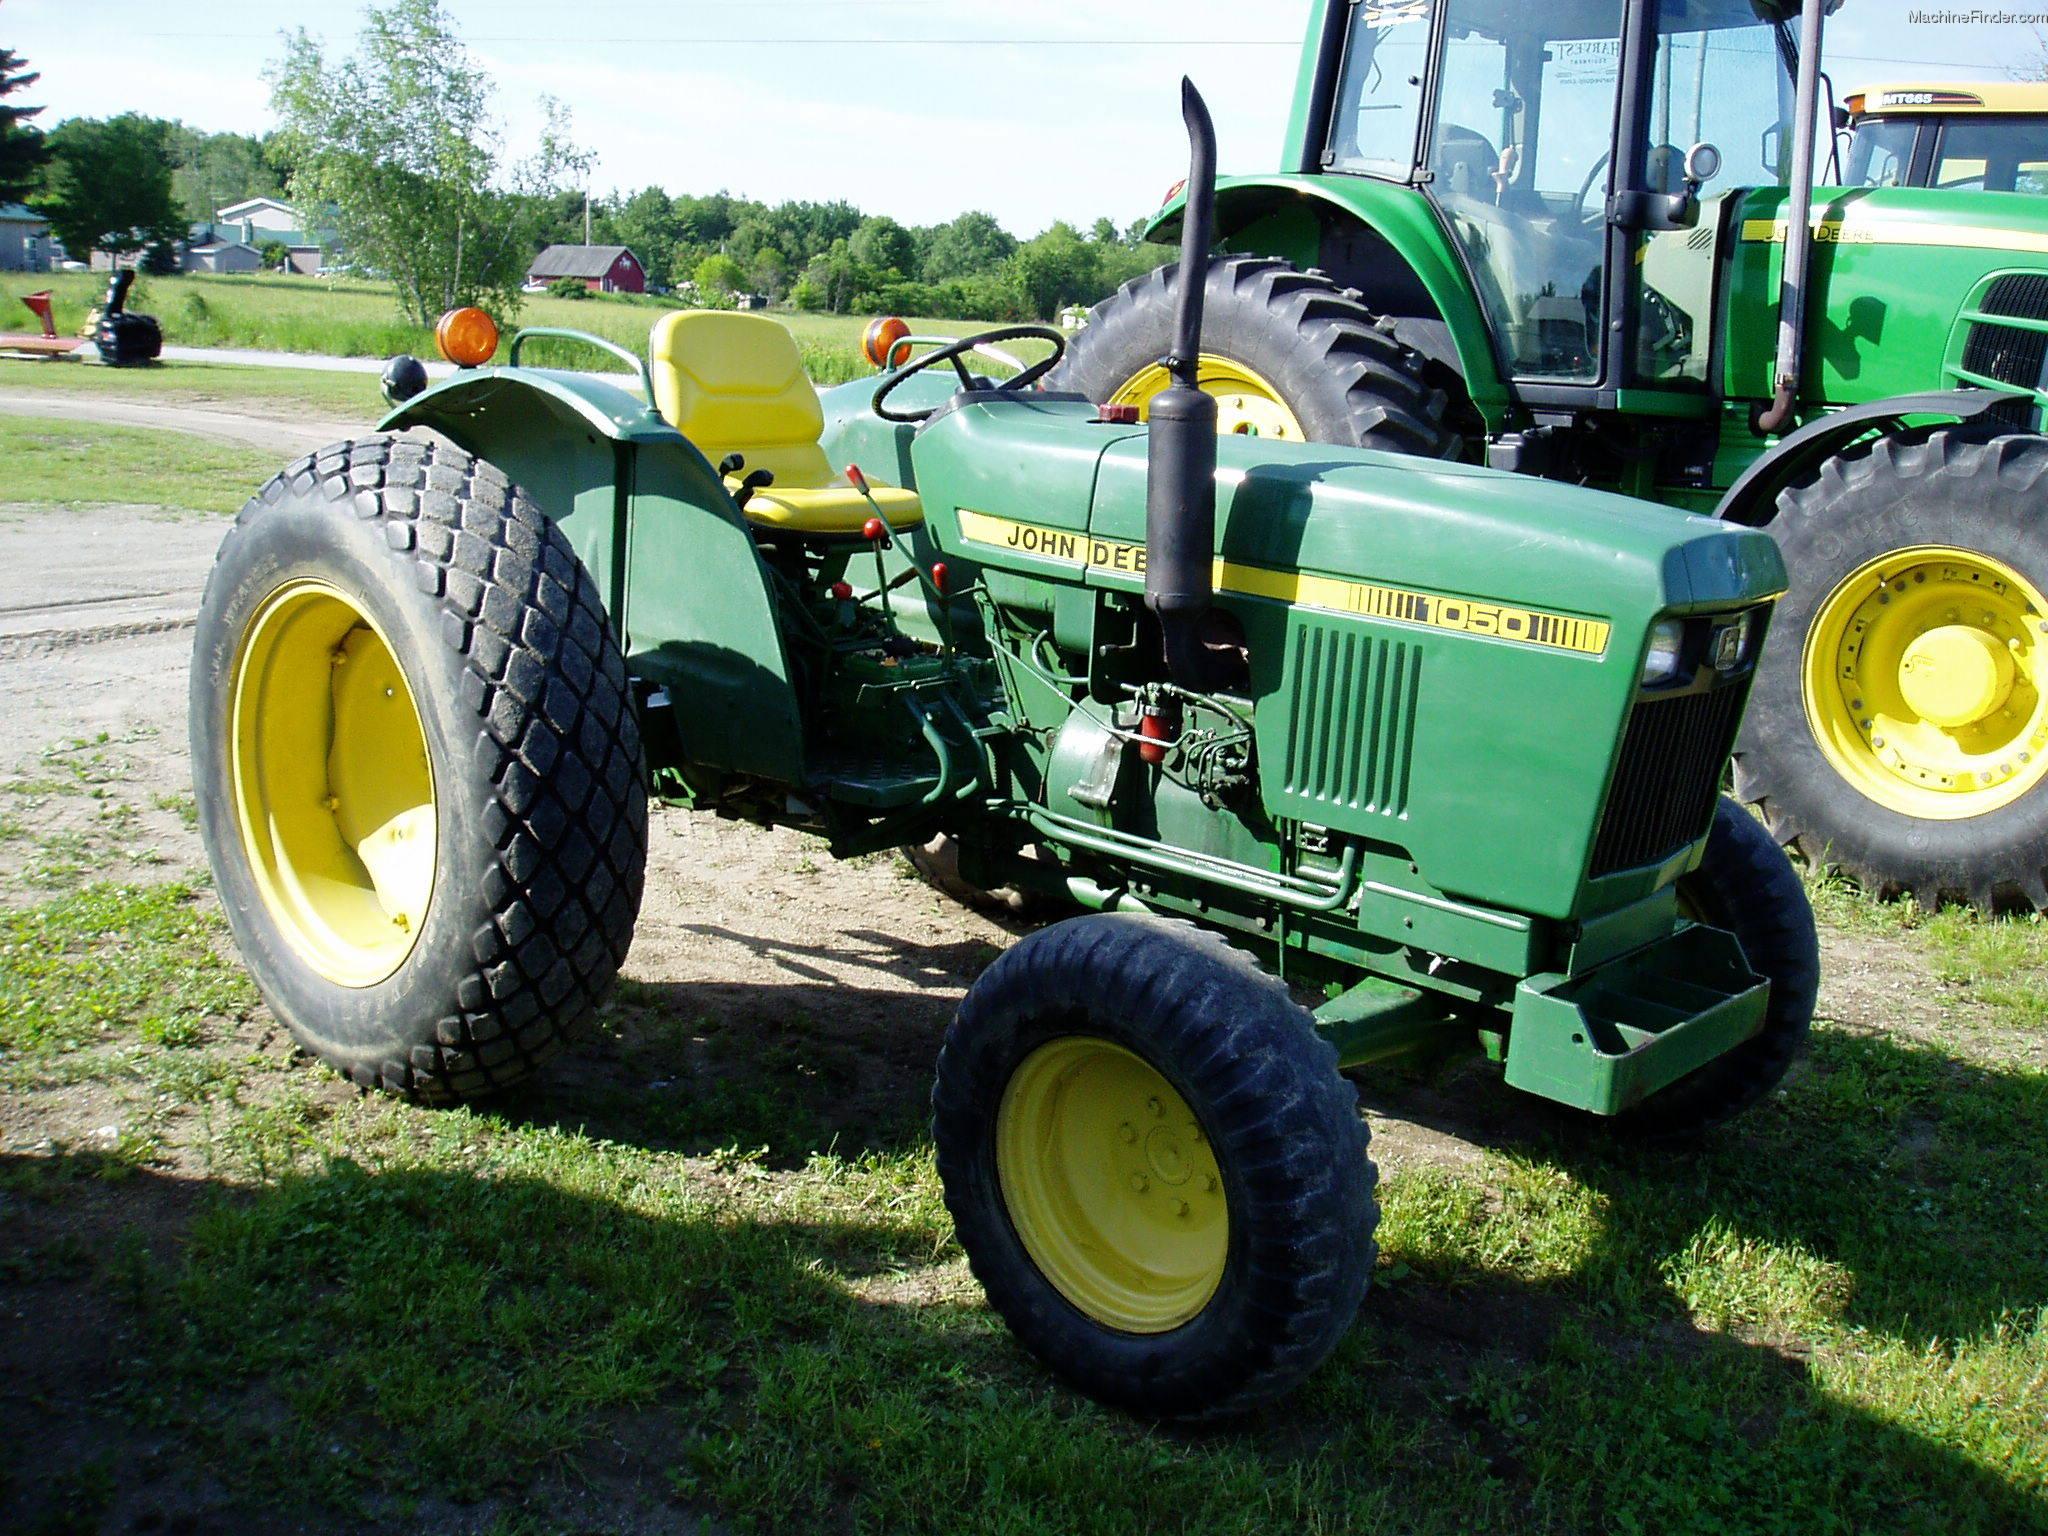 John Deere 1050 Tractors - Compact (1-40hp.) - John Deere ...